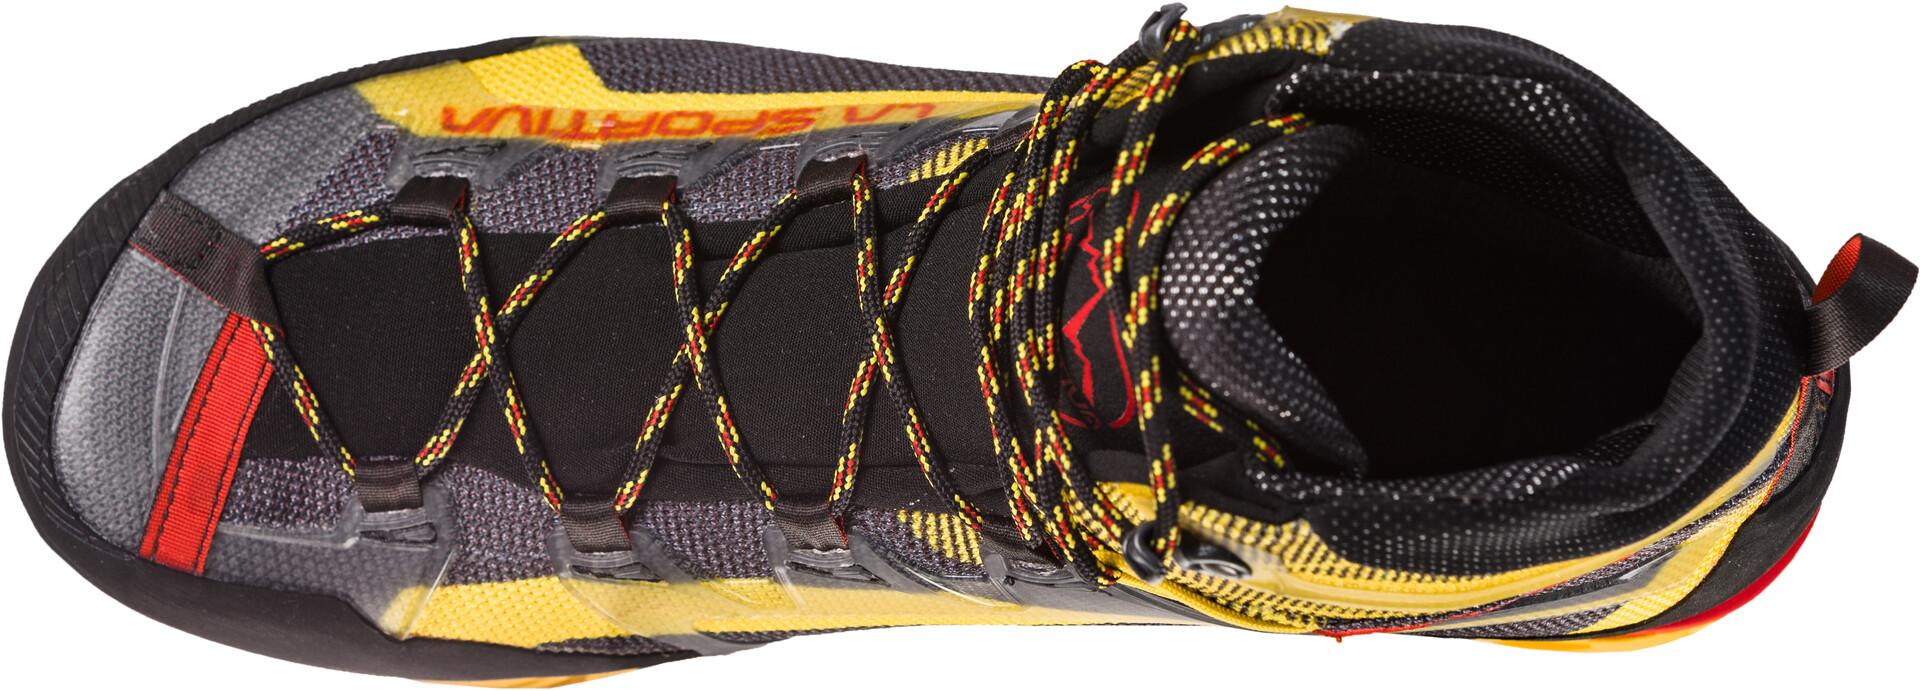 La Sportiva Trango Tech GTX Schuhe Herren blackyellow